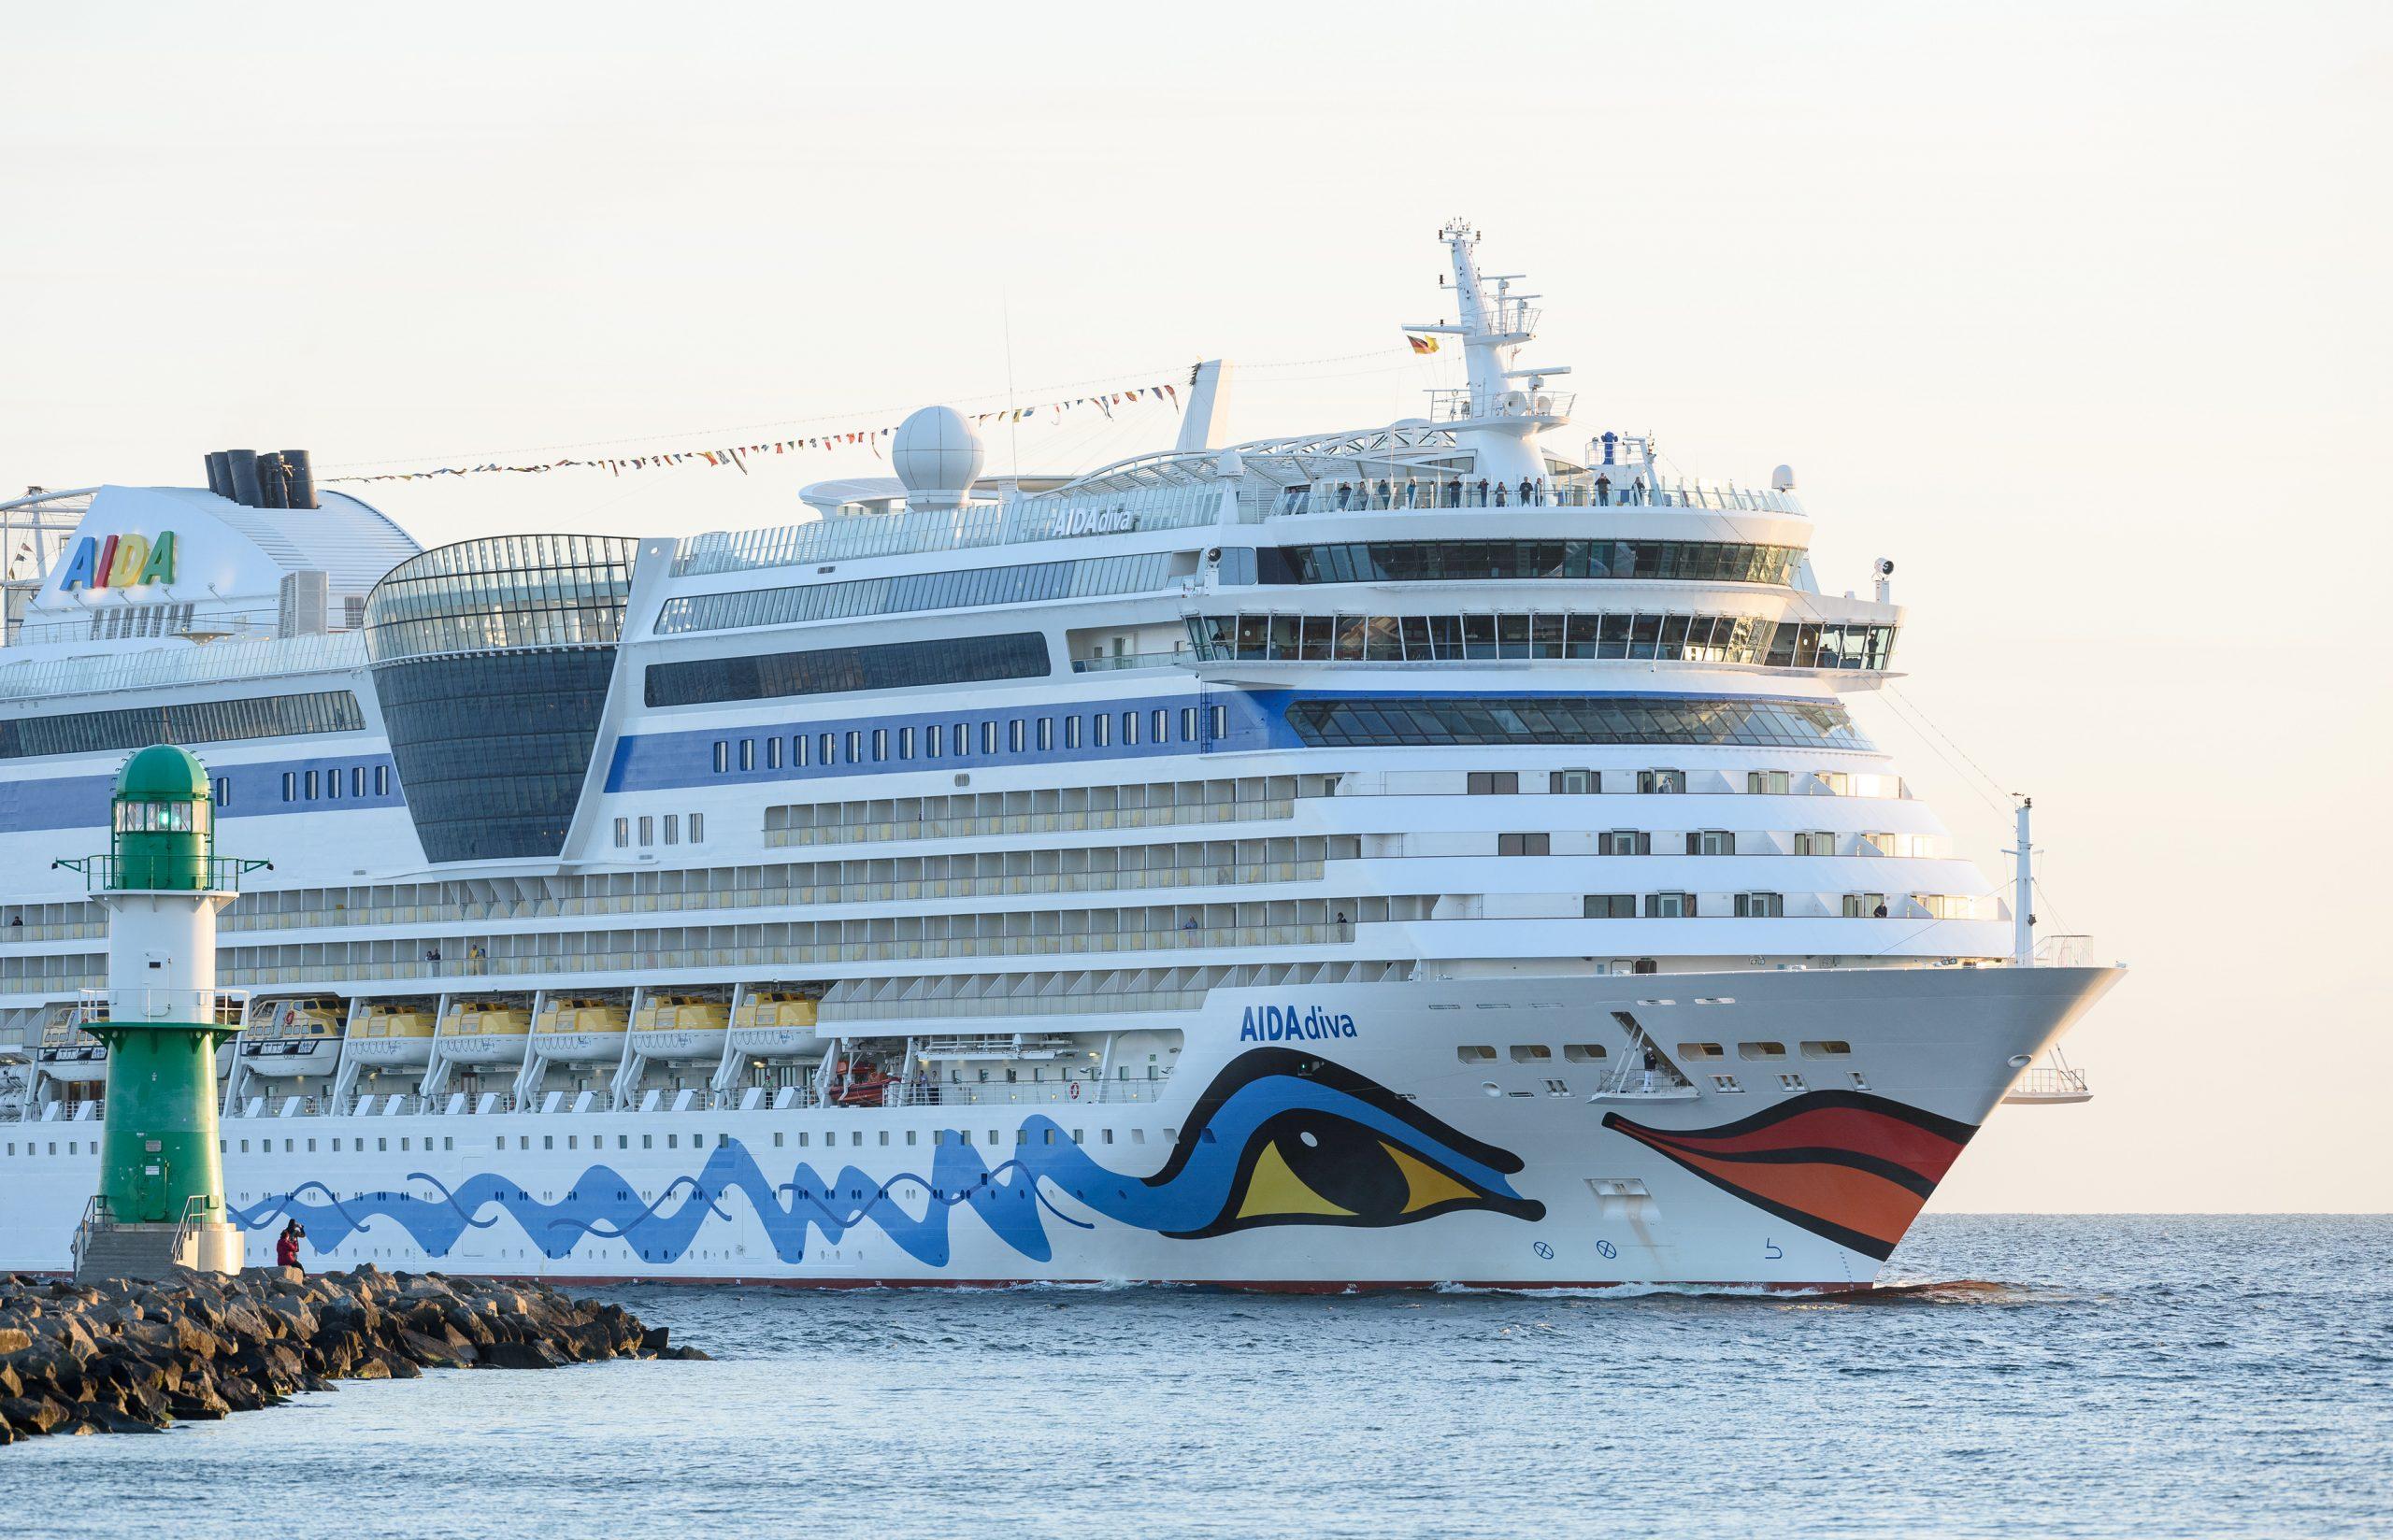 Auch Aida Cruises stellt jetzt die gesamten Kreuzfahrtreisen der 14 Schiffe umfassenden Flotte ein. Vorerst werden alle Reisen bis Anfang April abgesagt.